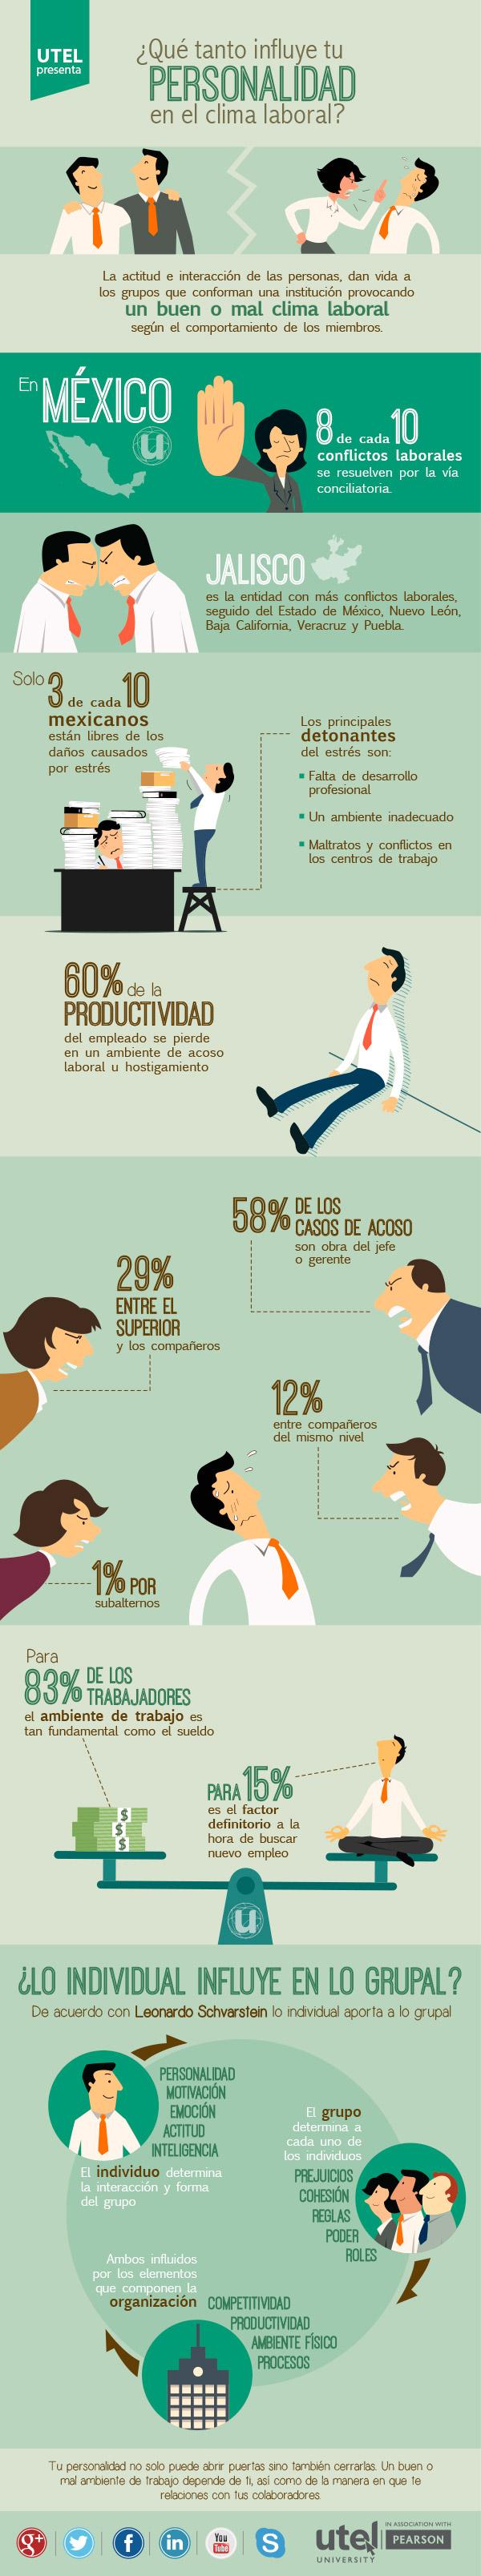 Cómo influye tu personalidad en el clima laboral